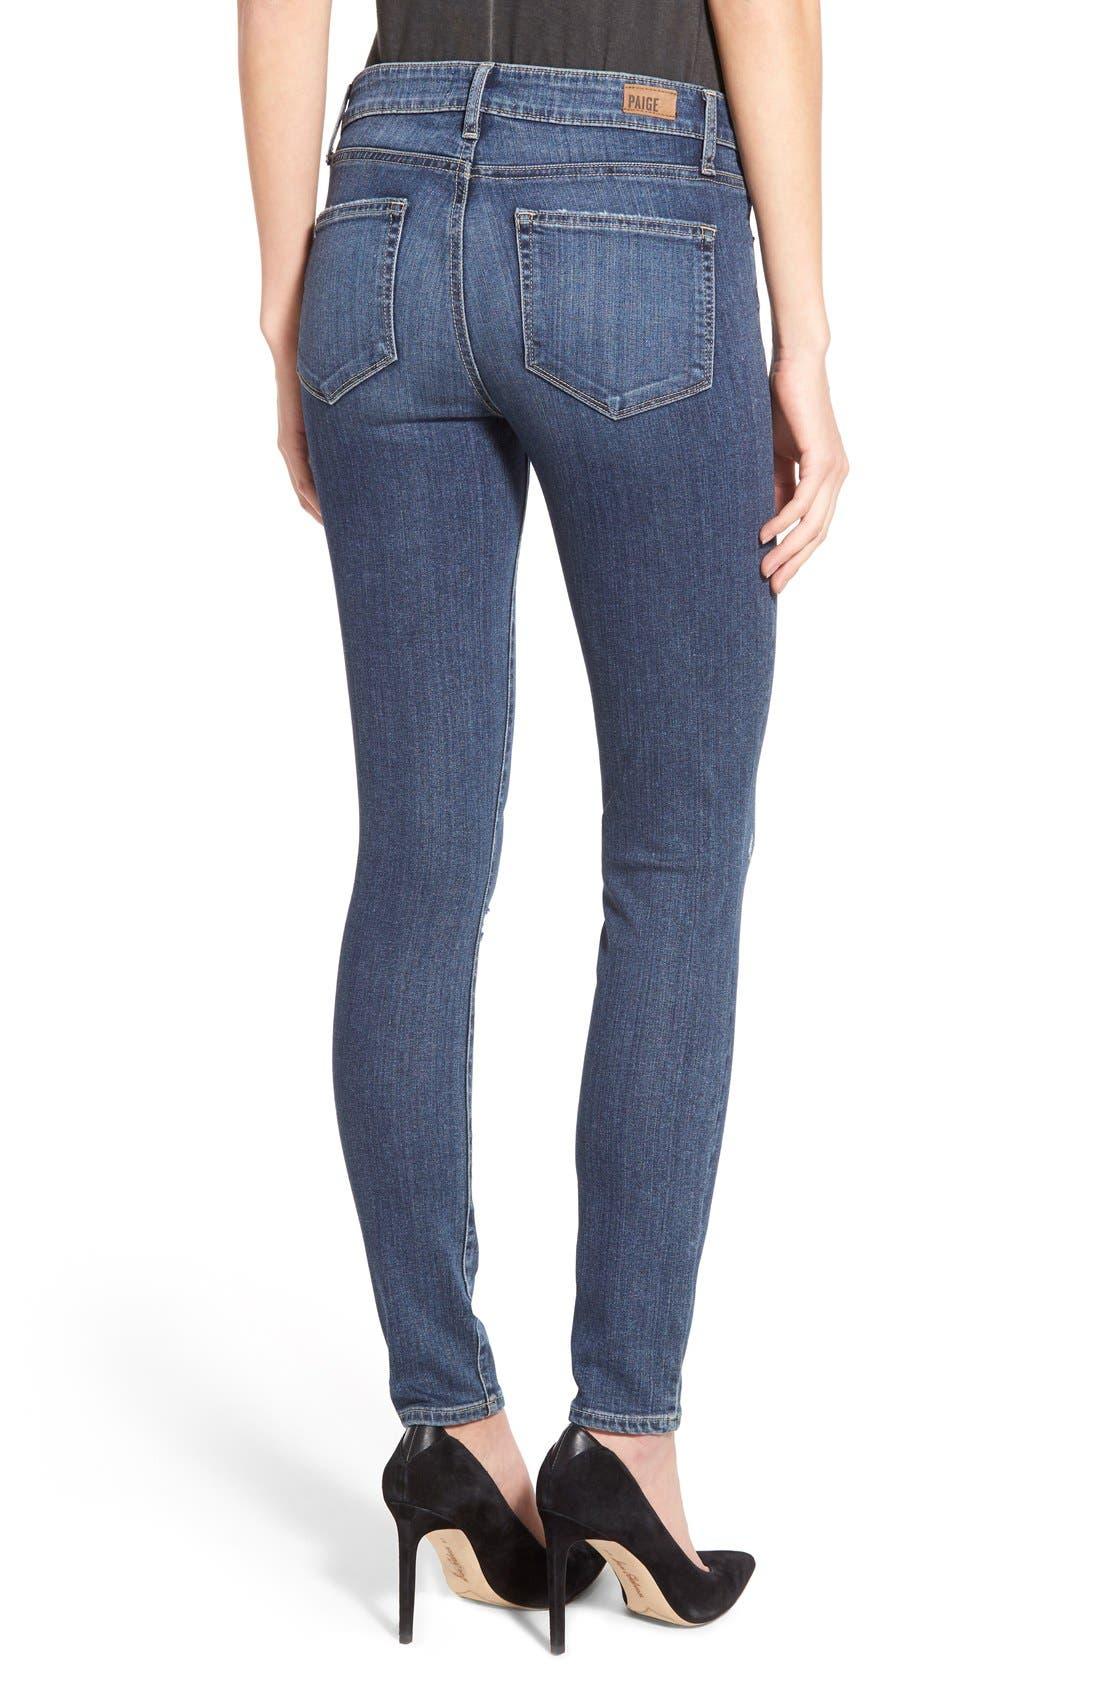 Alternate Image 2  - Paige Denim 'Transcend - Verdugo' Ultra Skinny Jeans (Silas Destructed)